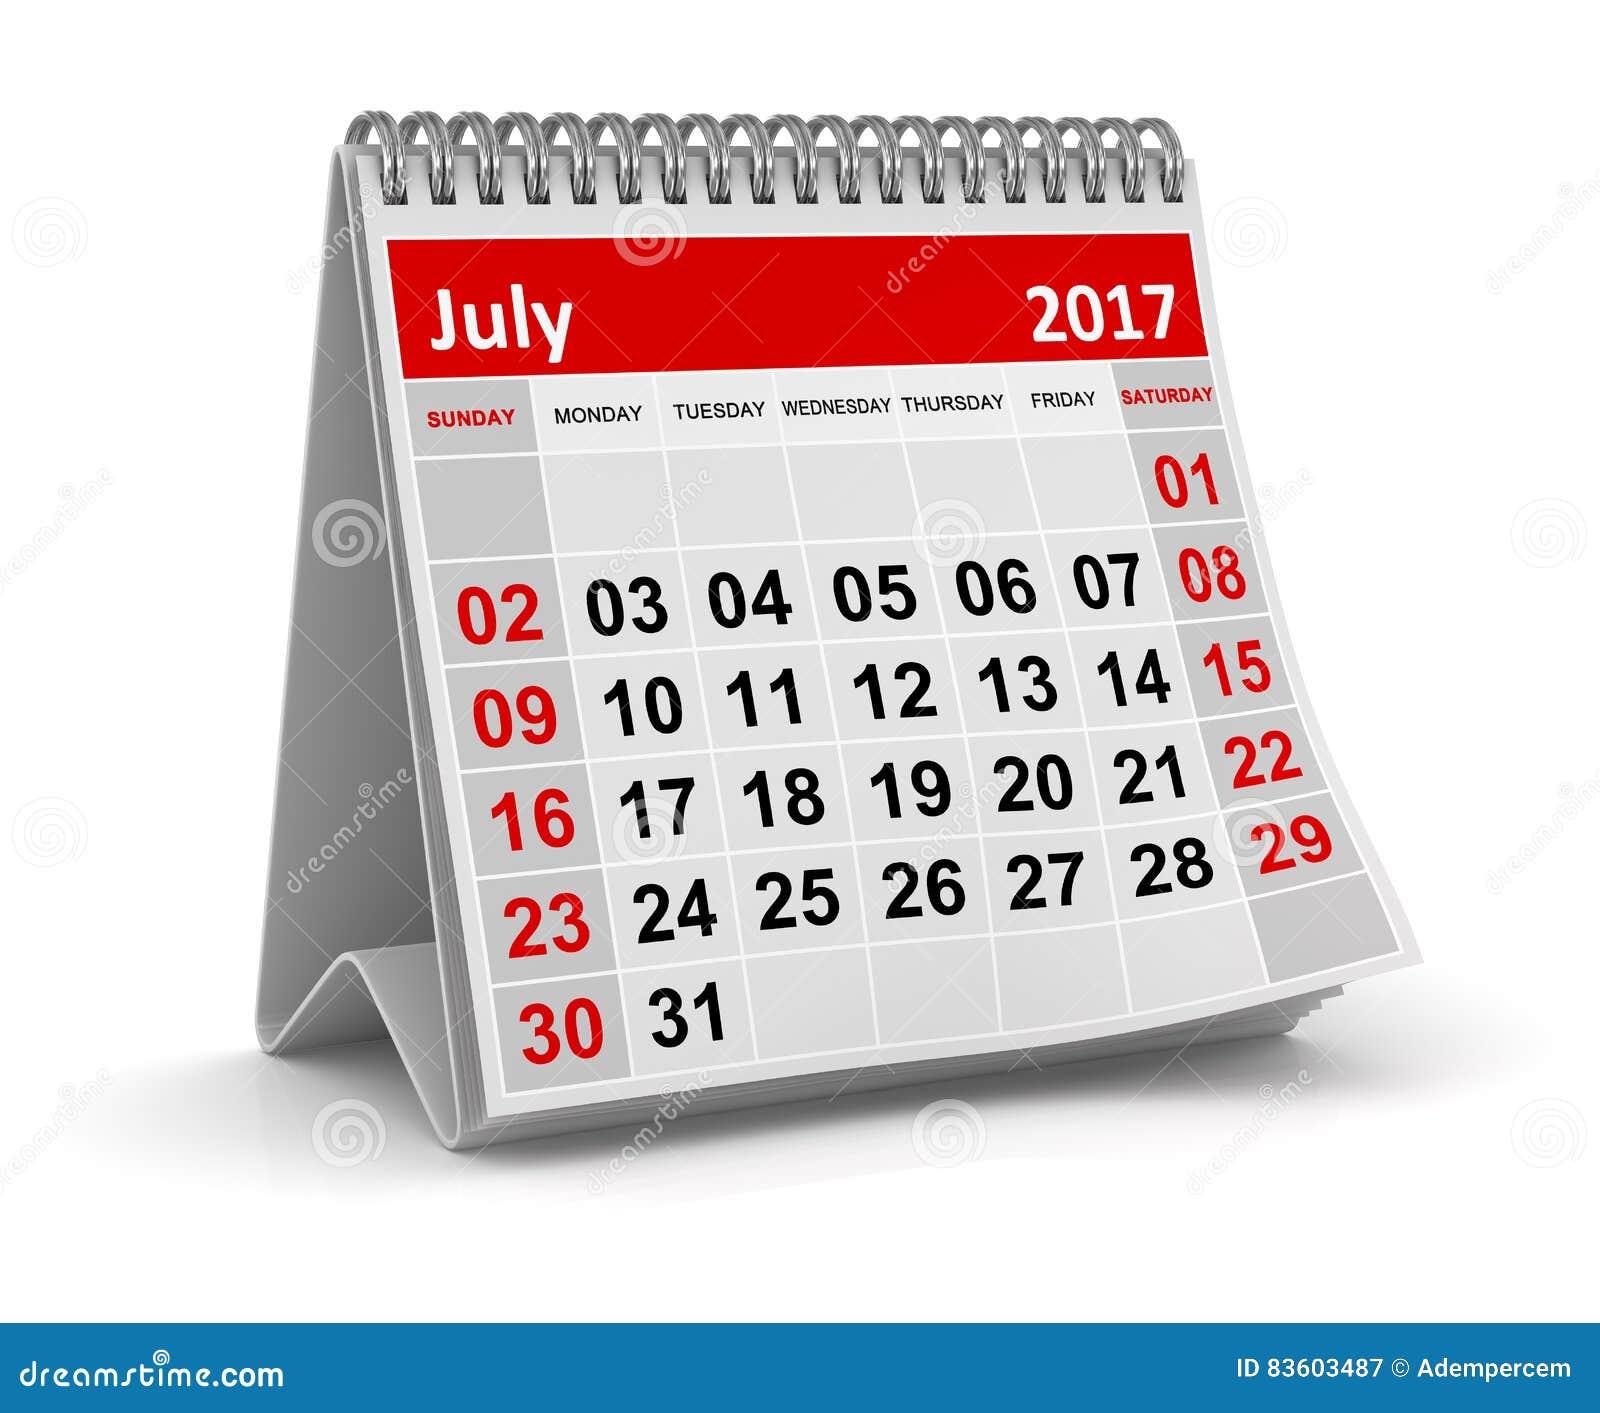 Calendario 31 Luglio.Calendario Luglio 2017 Illustrazione Di Stock